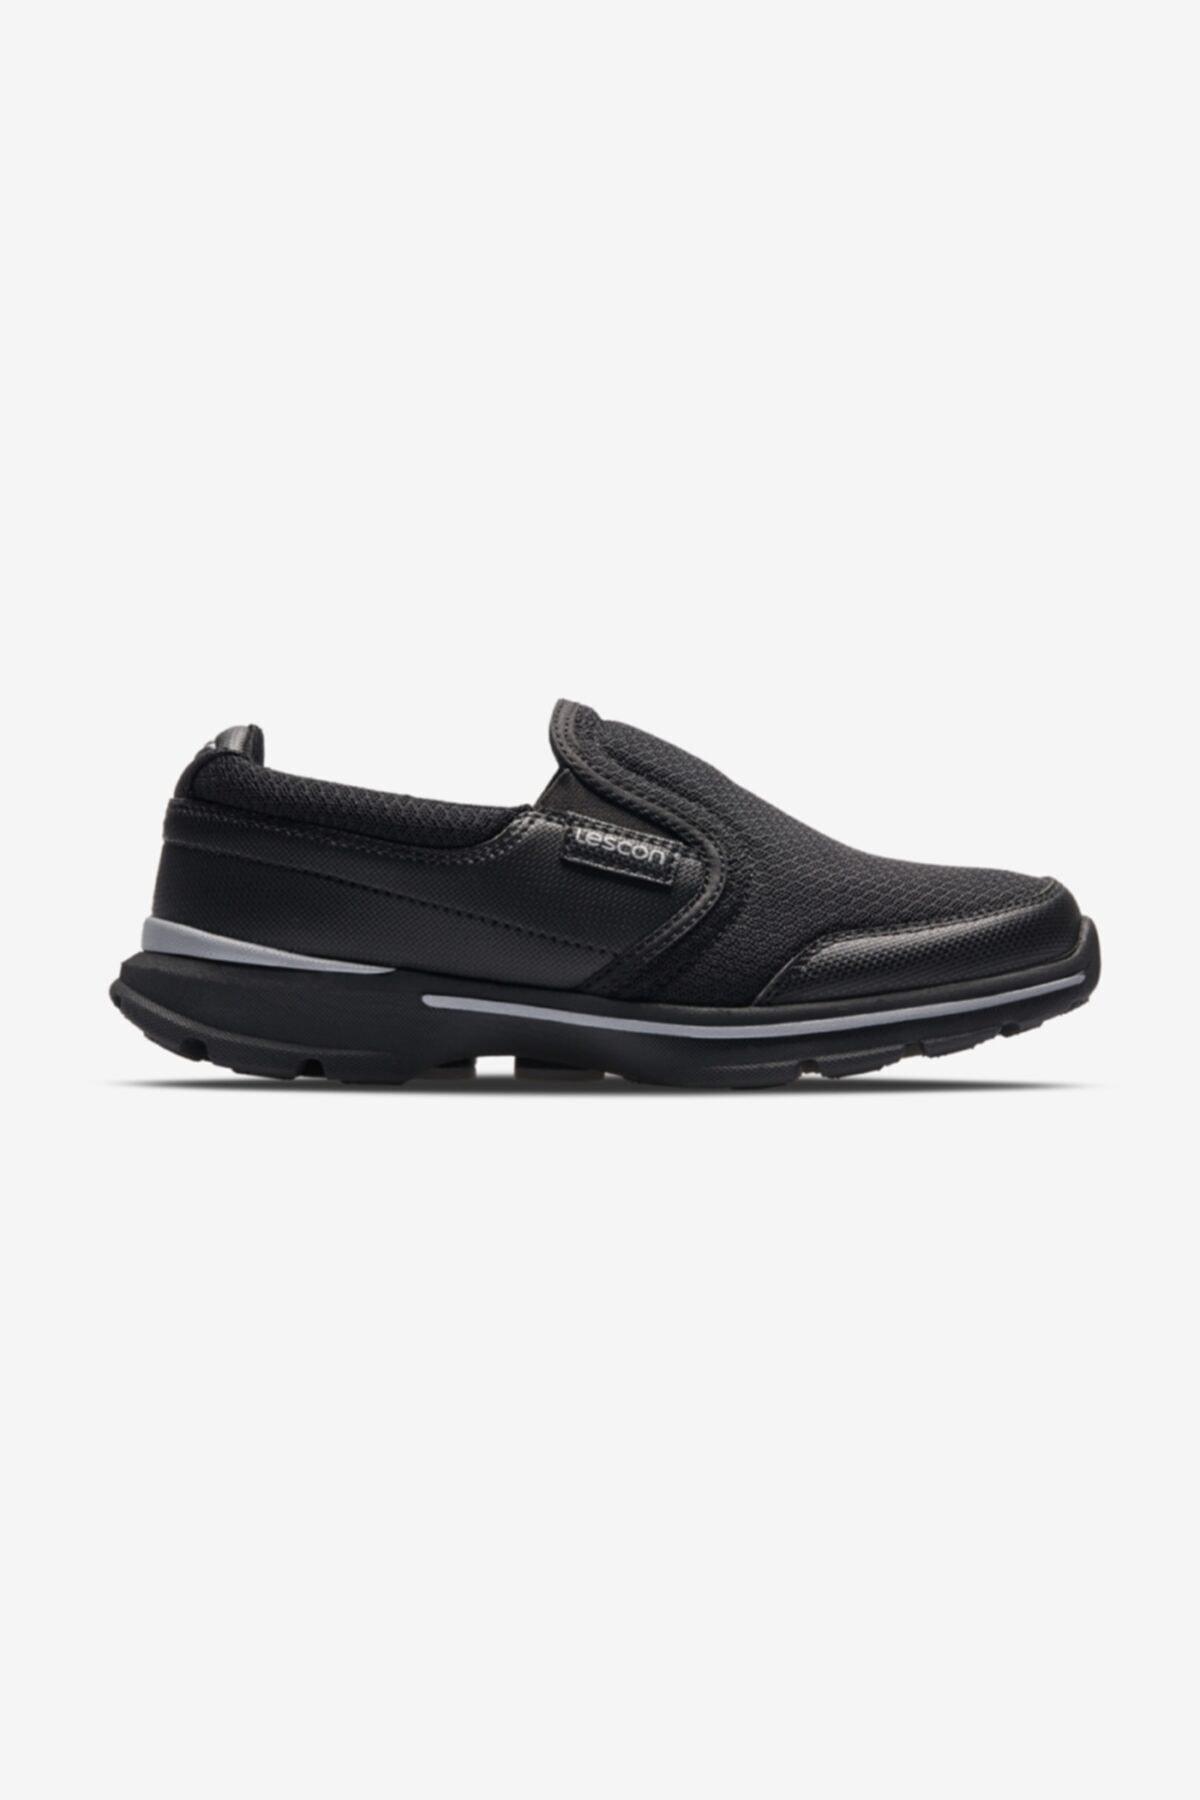 Lescon Kadın  Siyah  Outdoor Ayakkabı L-6902 1